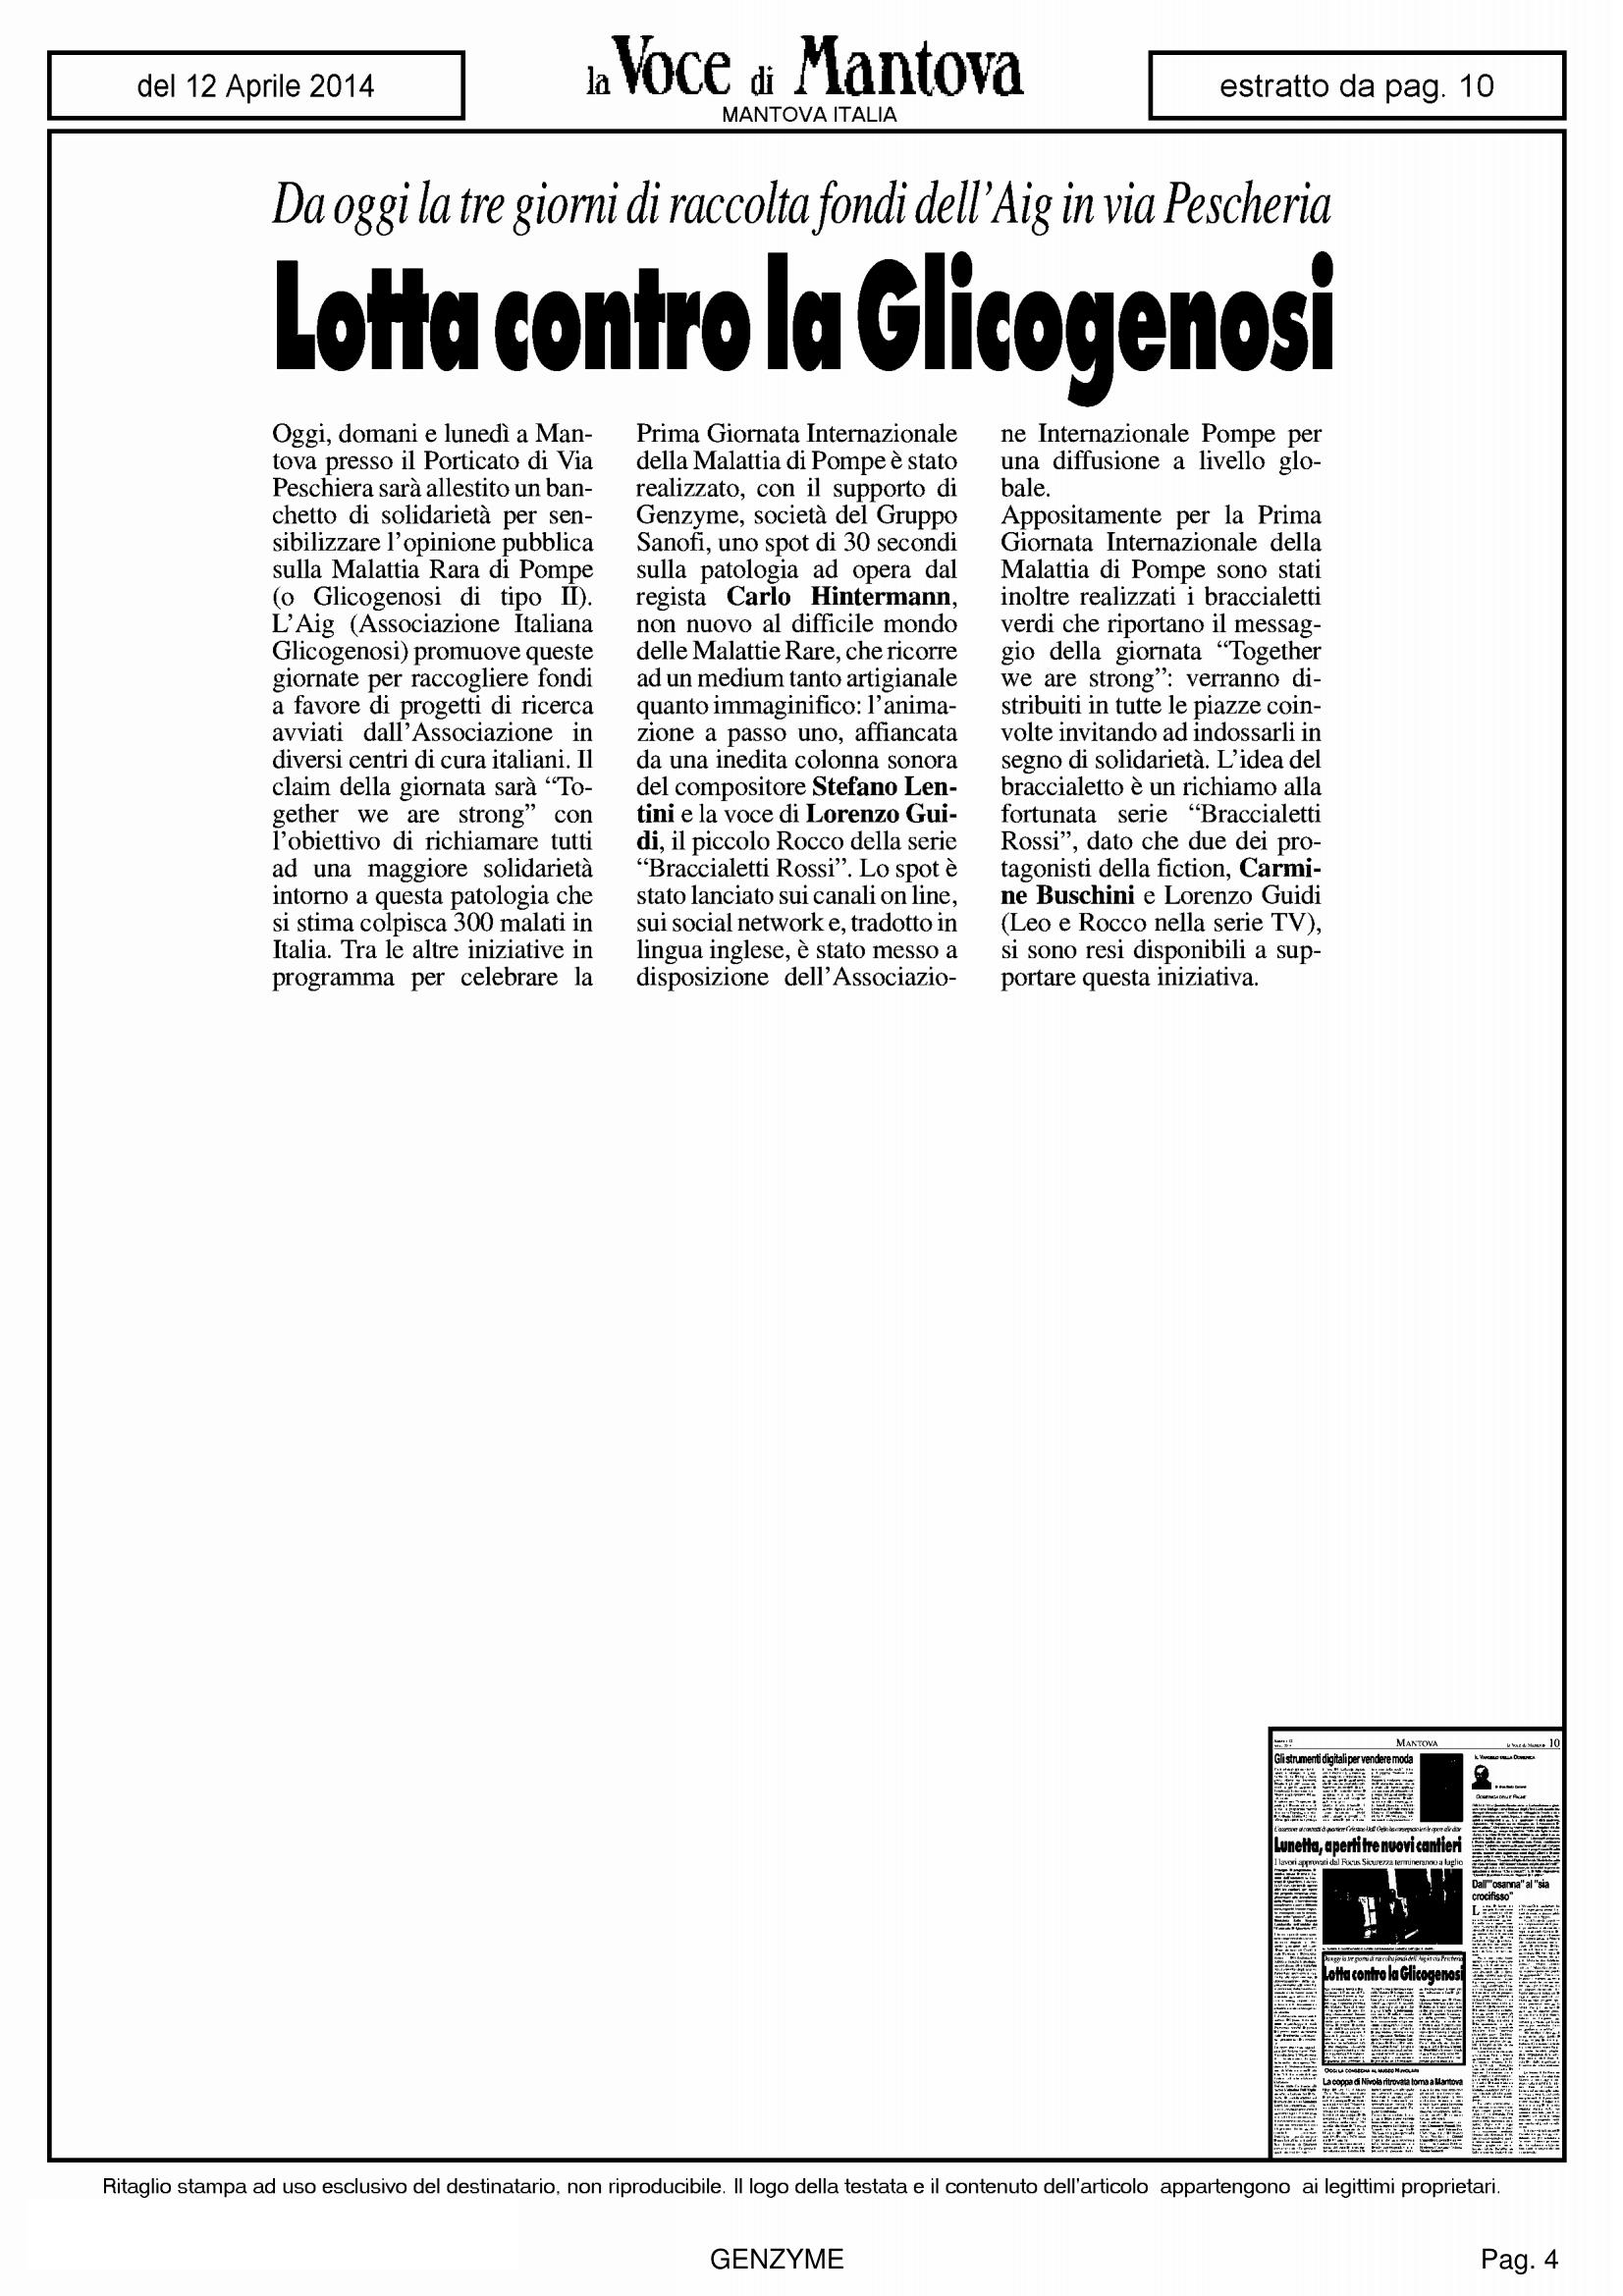 Stampa_20140416 Banchetti AIG nelle piazze italiane_Page_6